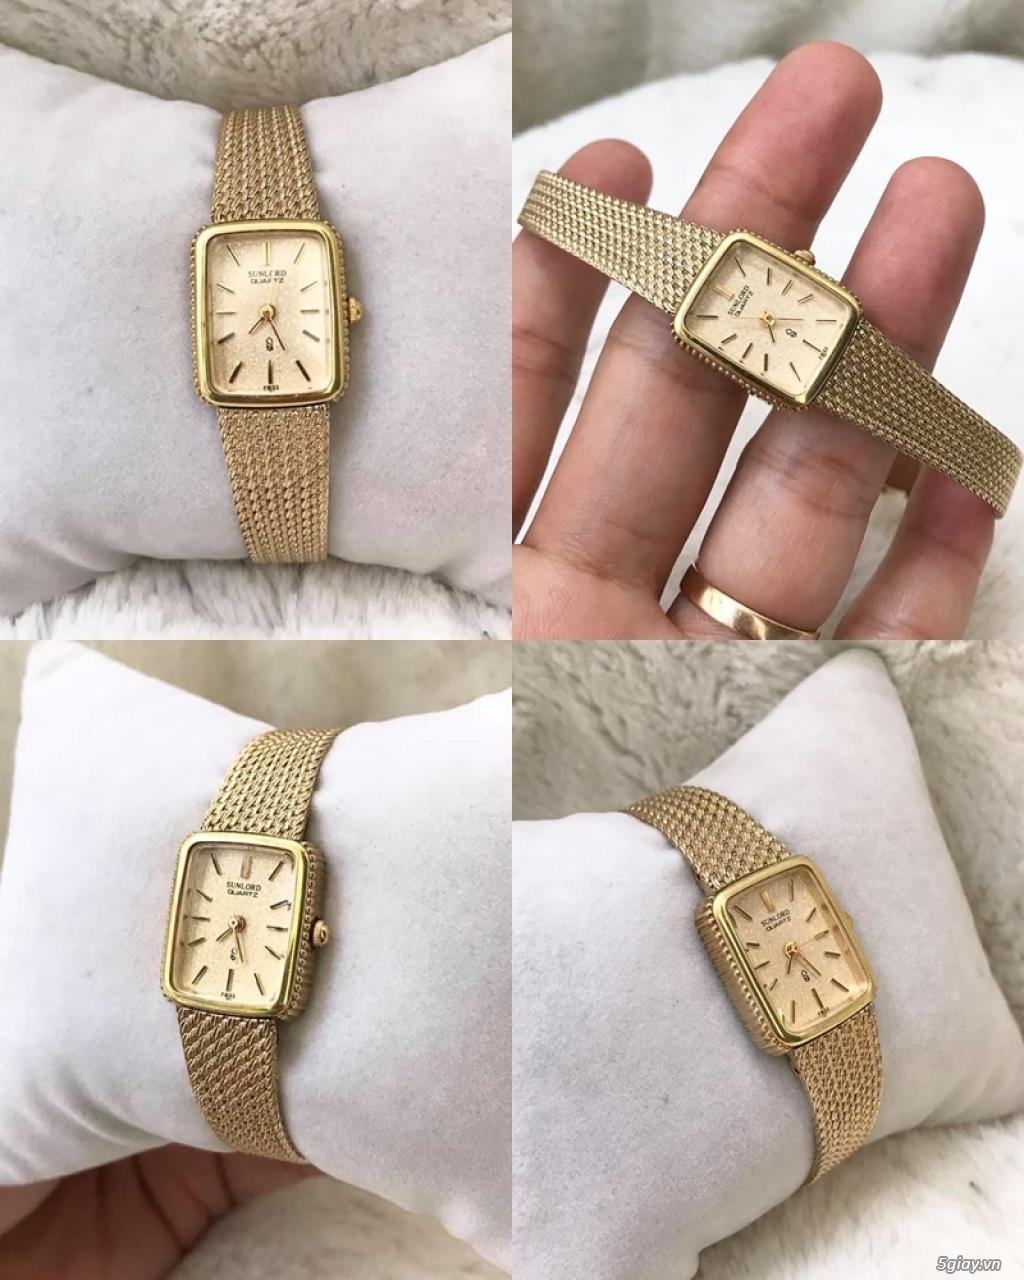 Kho đồng hồ xách tay chính hãng secondhand update liên tục - 33